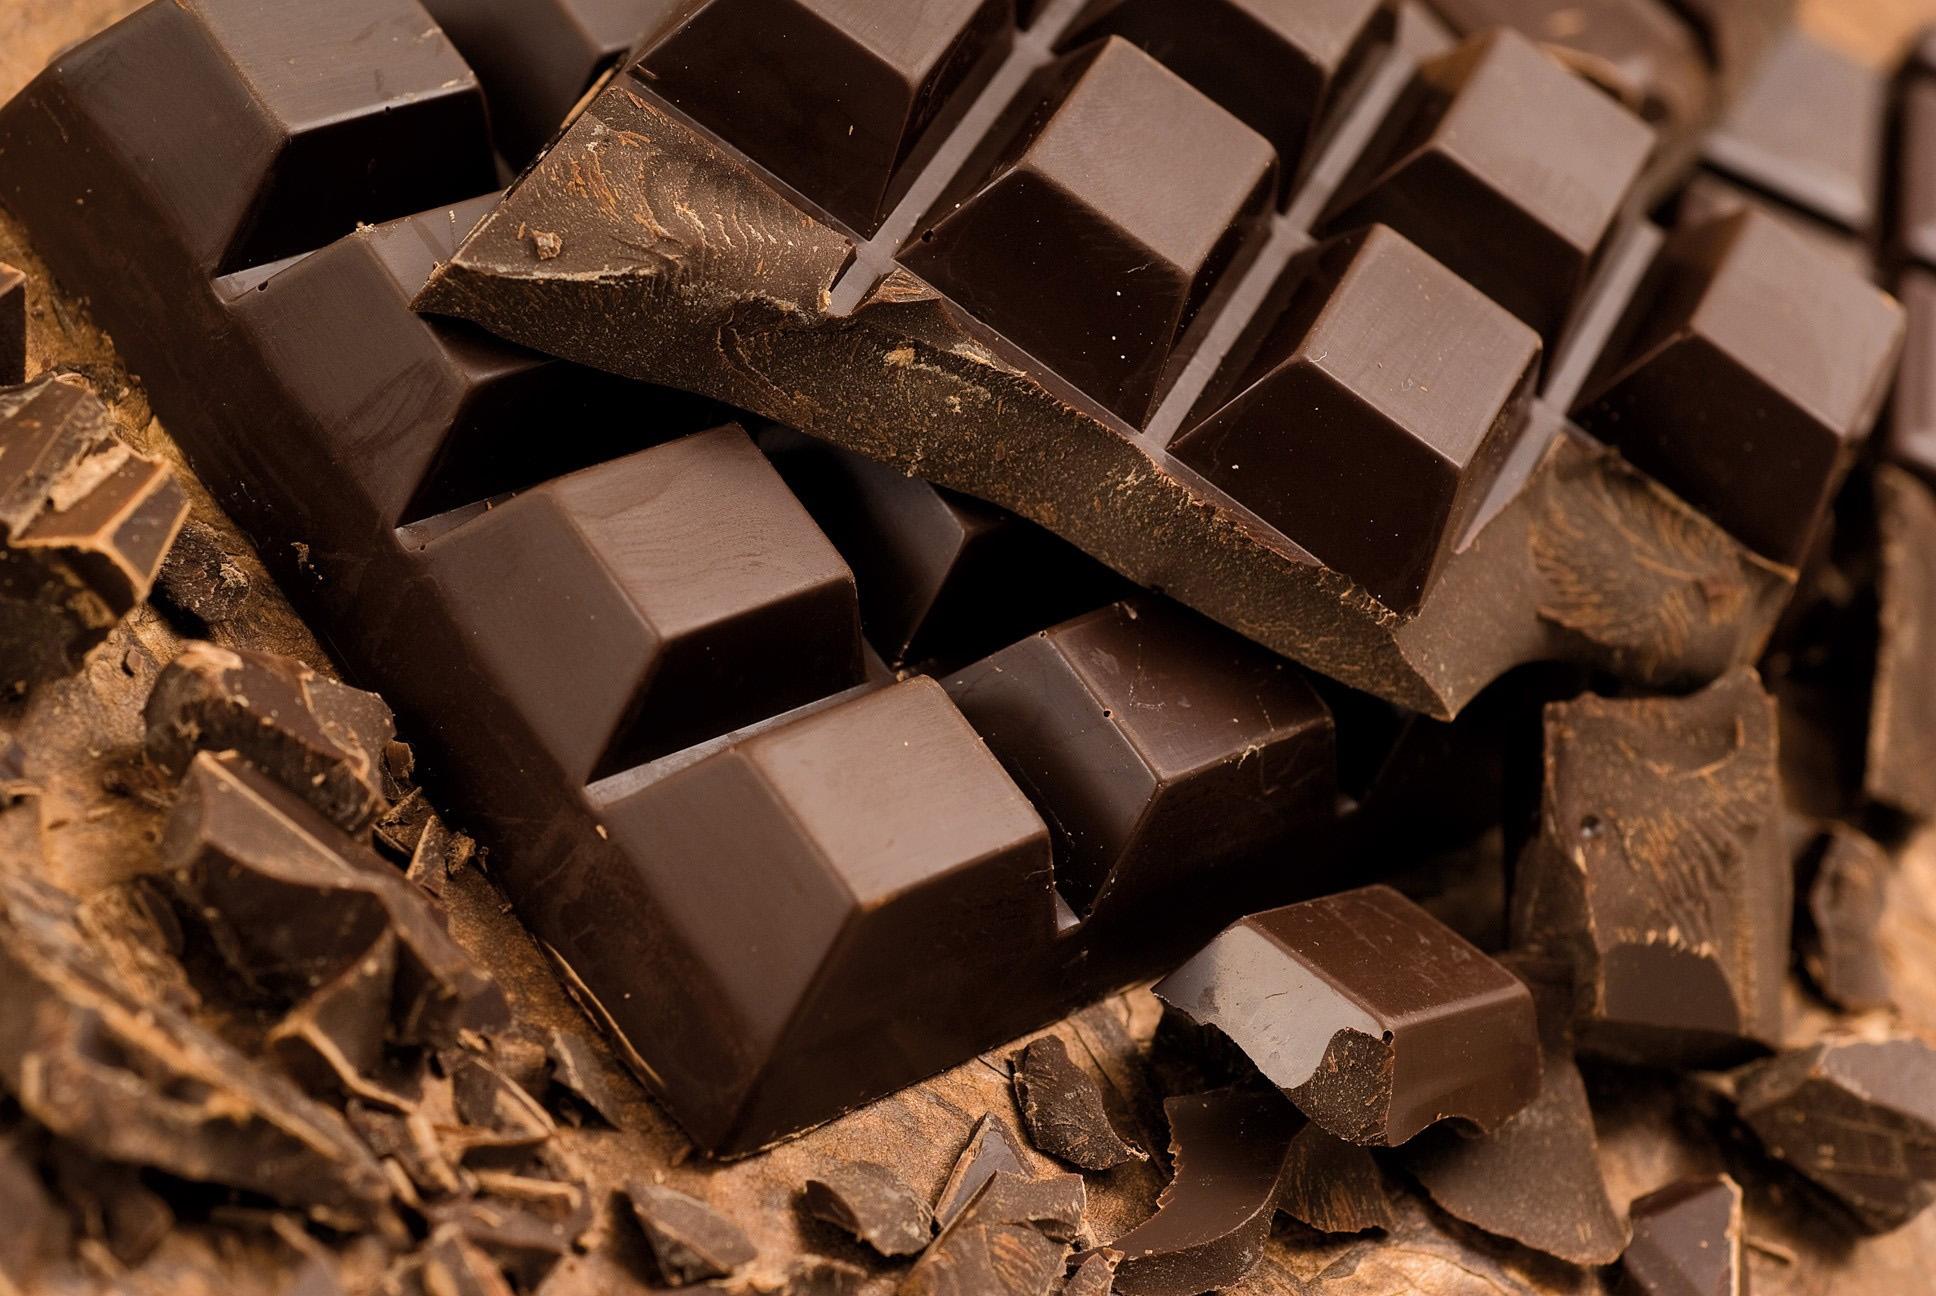 チョコレートの街「トリノ」のおすすめチョコレートショップ6店